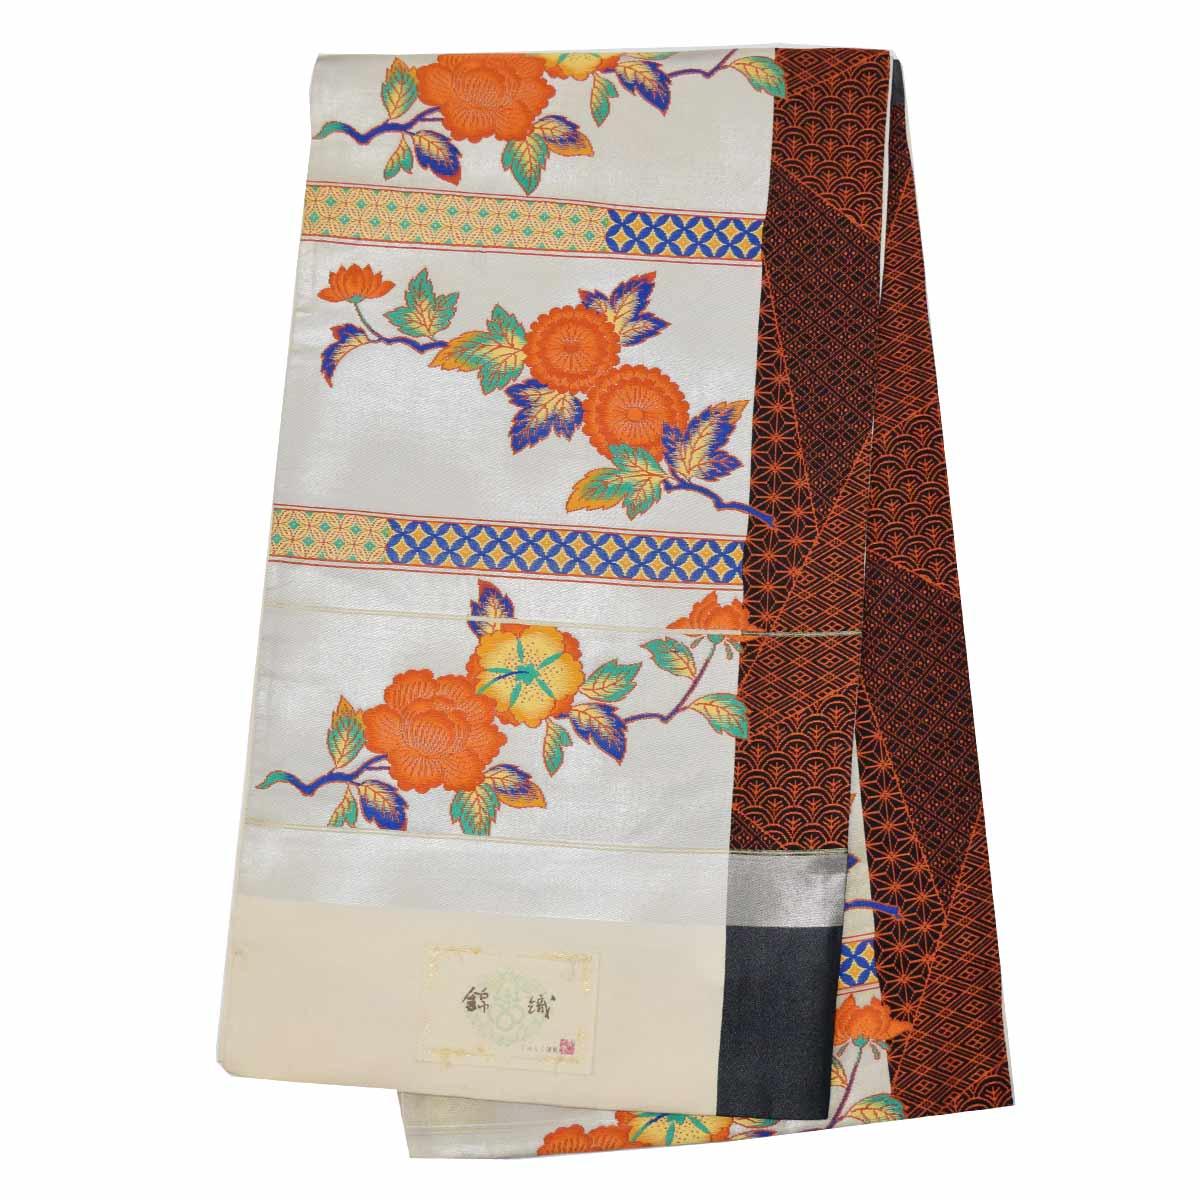 【訳あり】 正絹 未仕立て 袋帯 単品訳あり アウトレット 古典 白 オレンジ【Bランク】番号f202-303